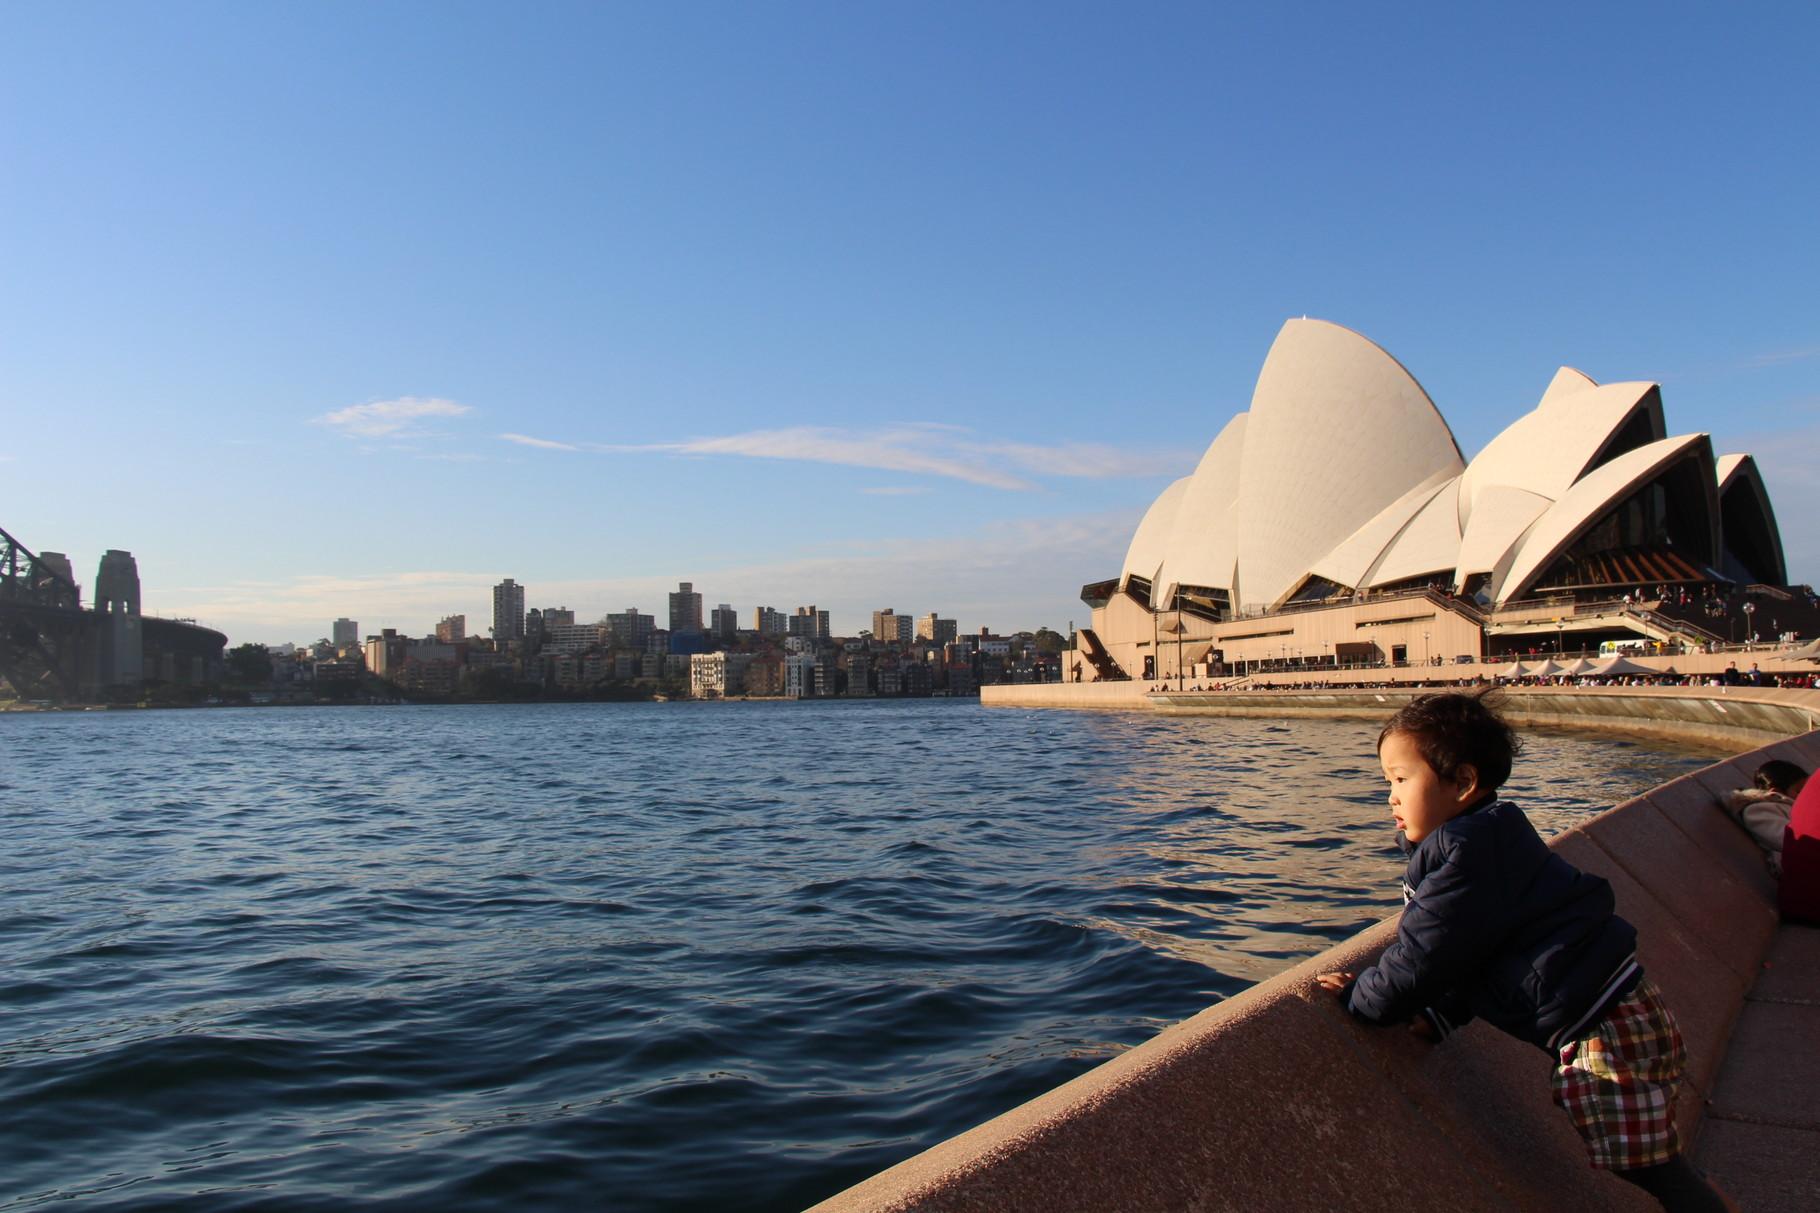 シドニー オペラハウス周辺は絶好のフォトスポット